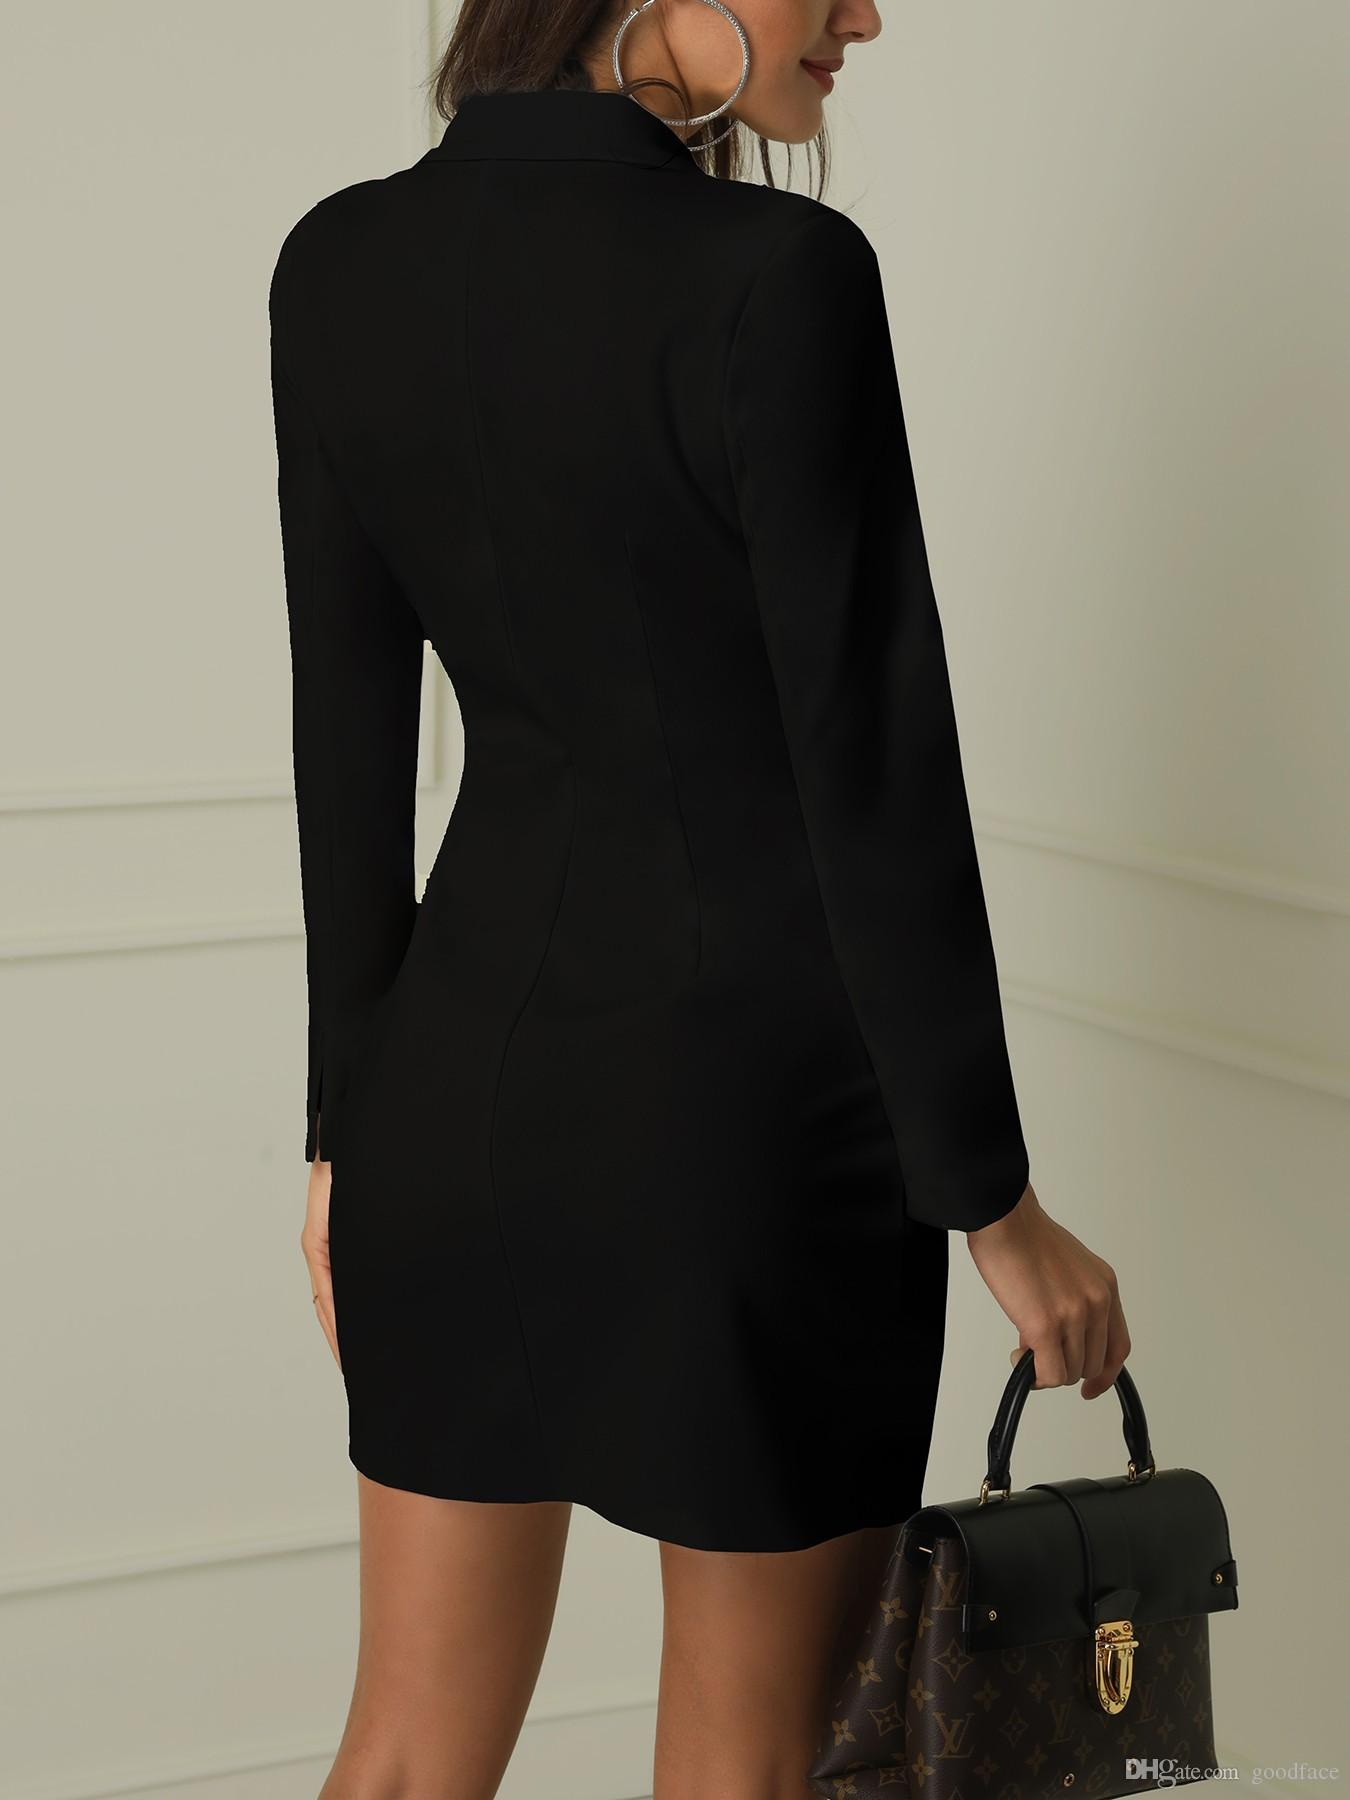 trespassado trench coat sexy pura cor jaqueta fina goodface vestir-construção corpo das mulheres euro-americanas